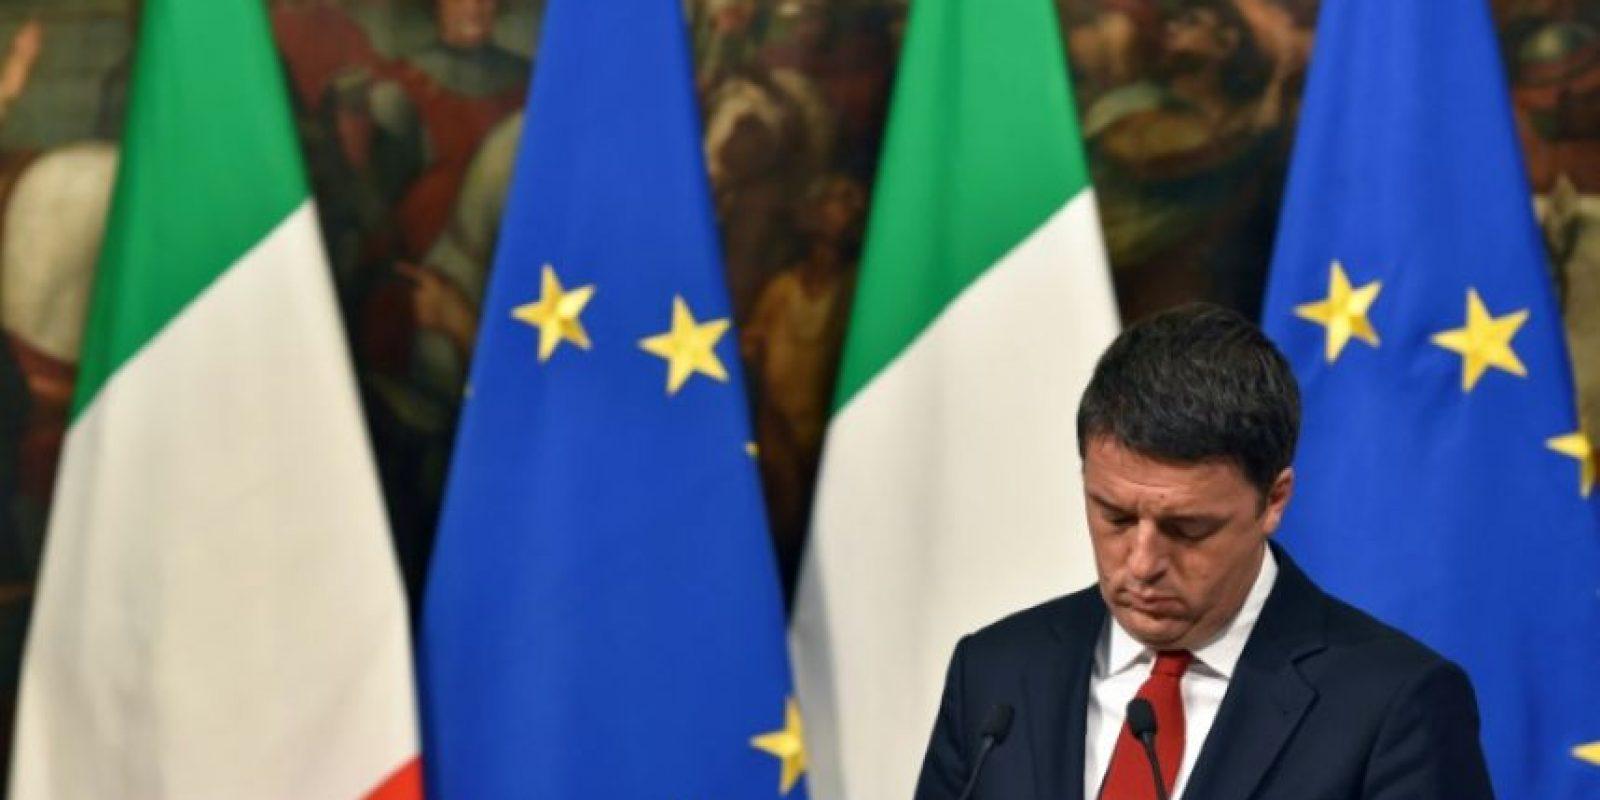 El primer ministro italiano, Matteo Renzi, en rueda de prensa en el Palazzo Chigi de Roma, el 28 de noviembre de 2016 Foto:Andreas Solaro/afp.com